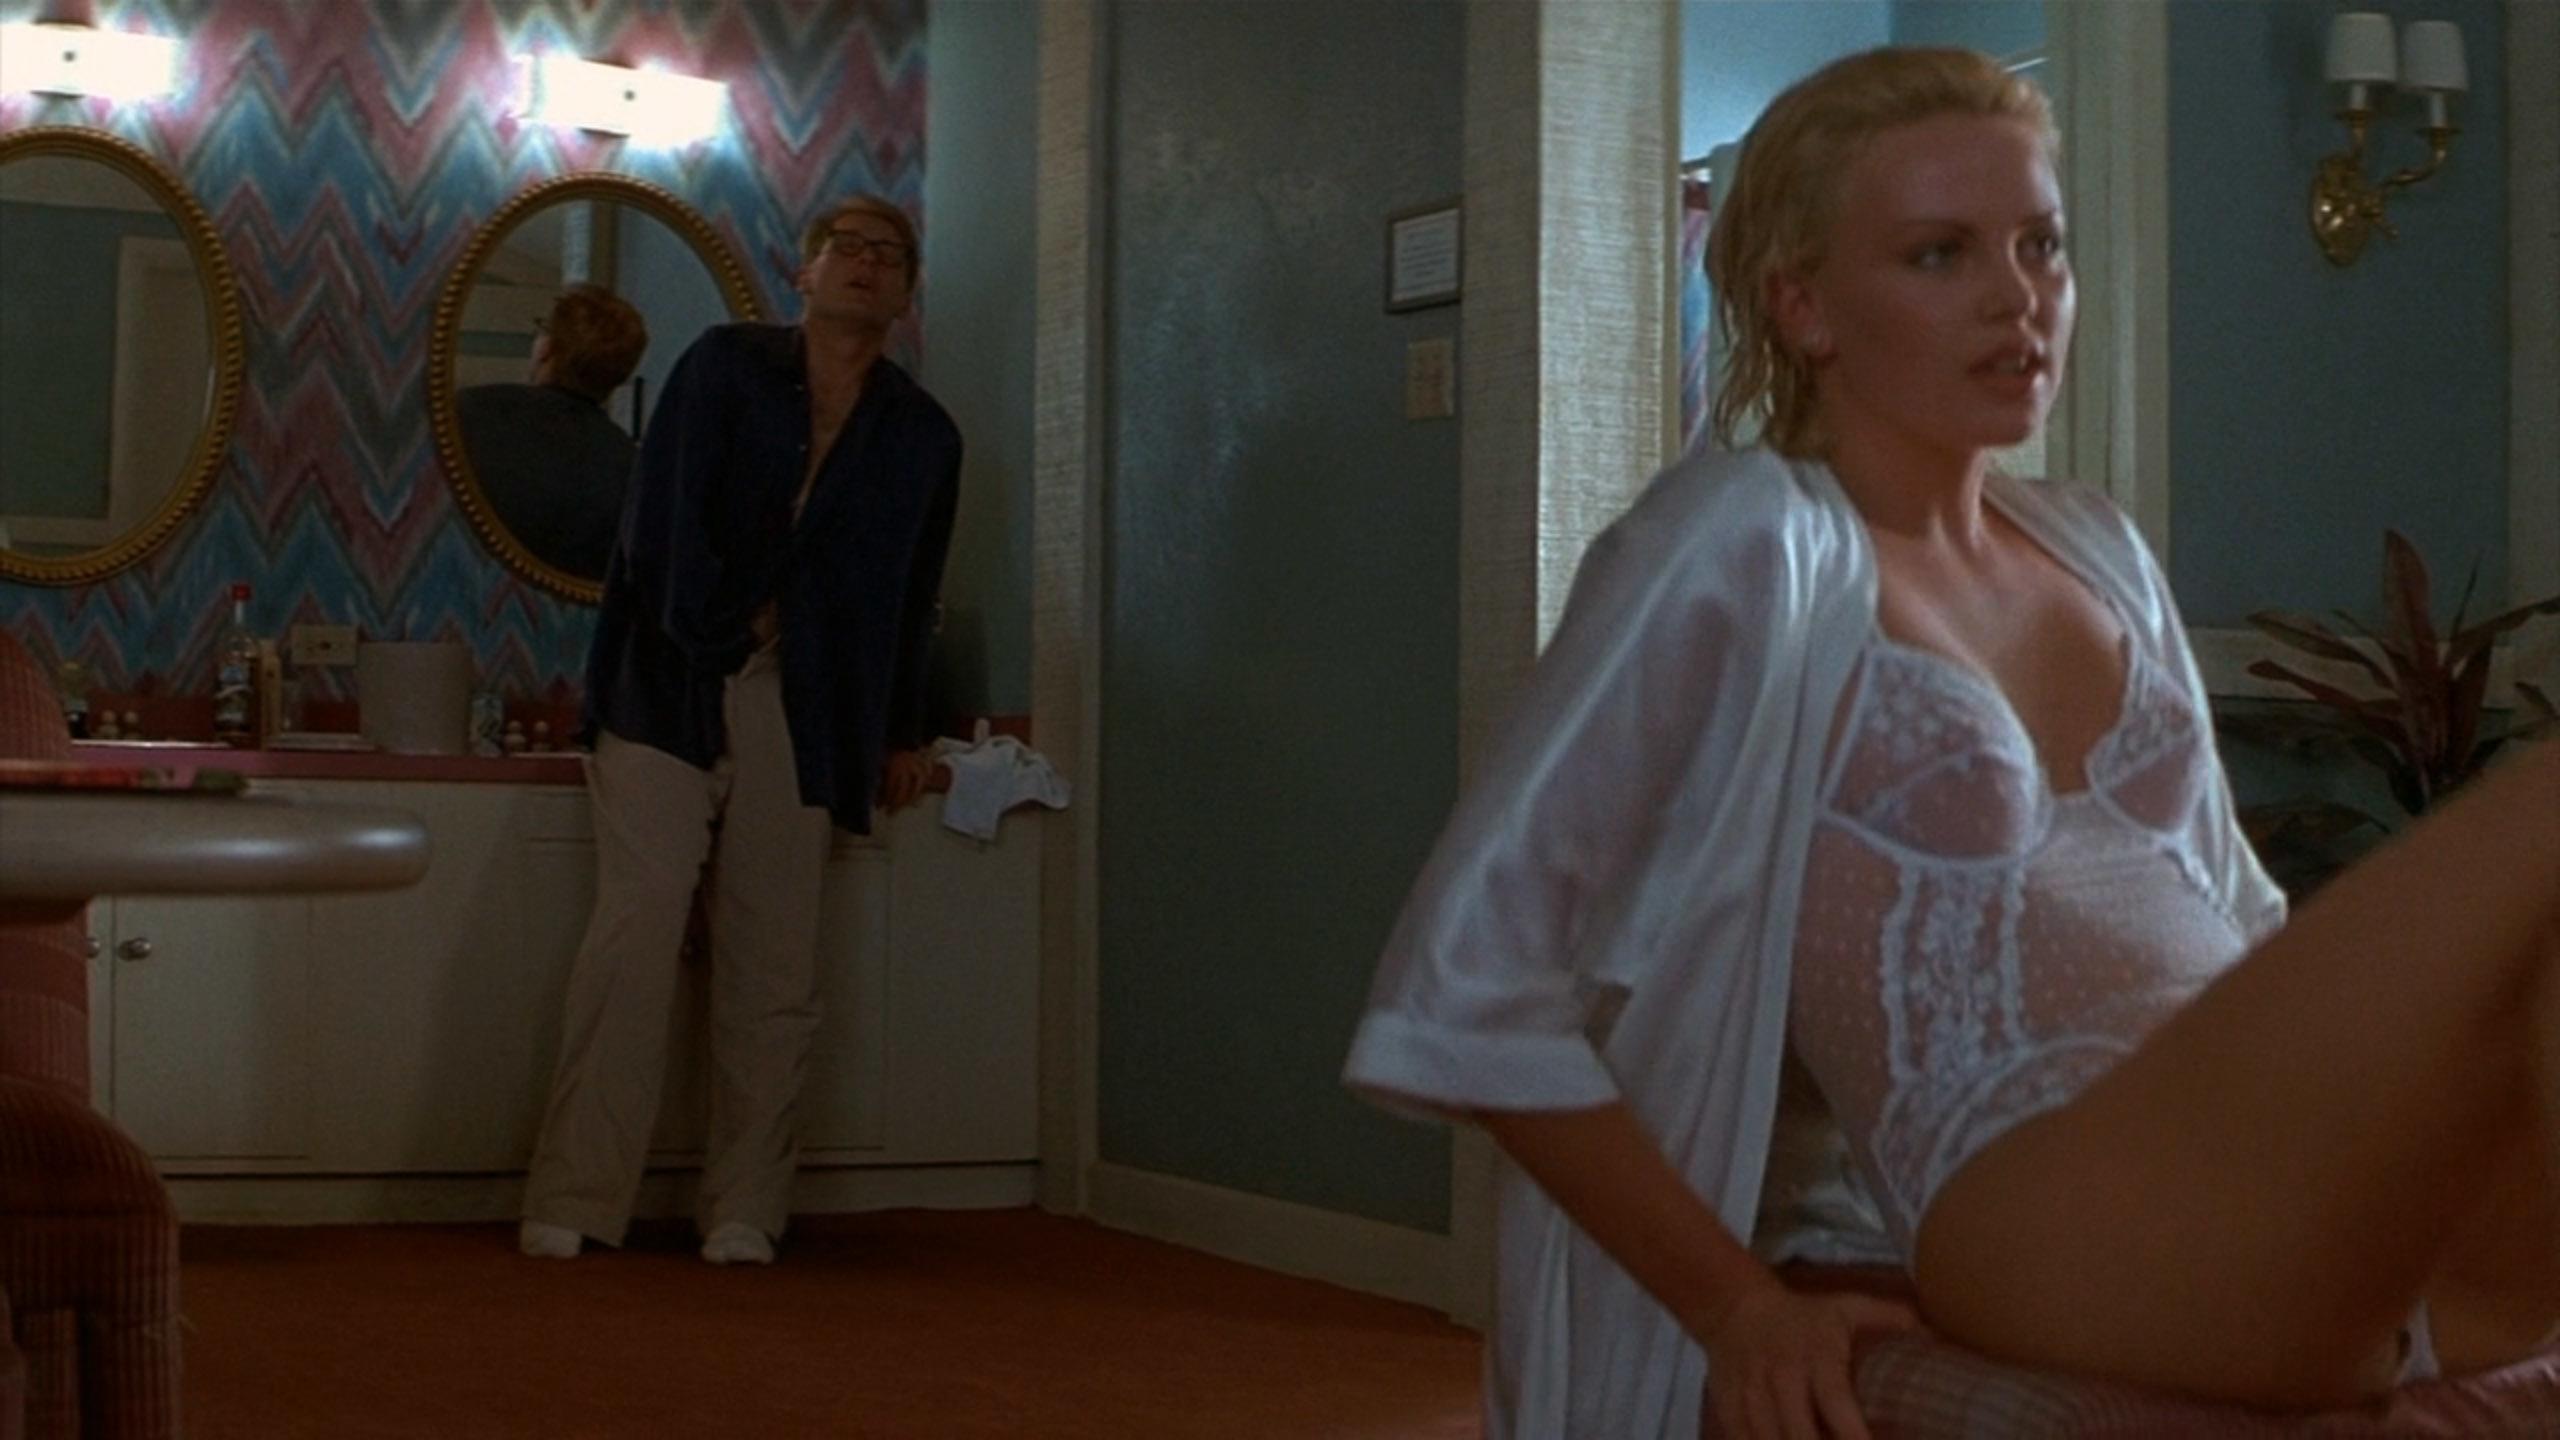 シャーリーズ・セロン(Charlize Theron)「2 days トゥー・デイズ」(1996)・・・其の弐_e0042361_20452728.jpg